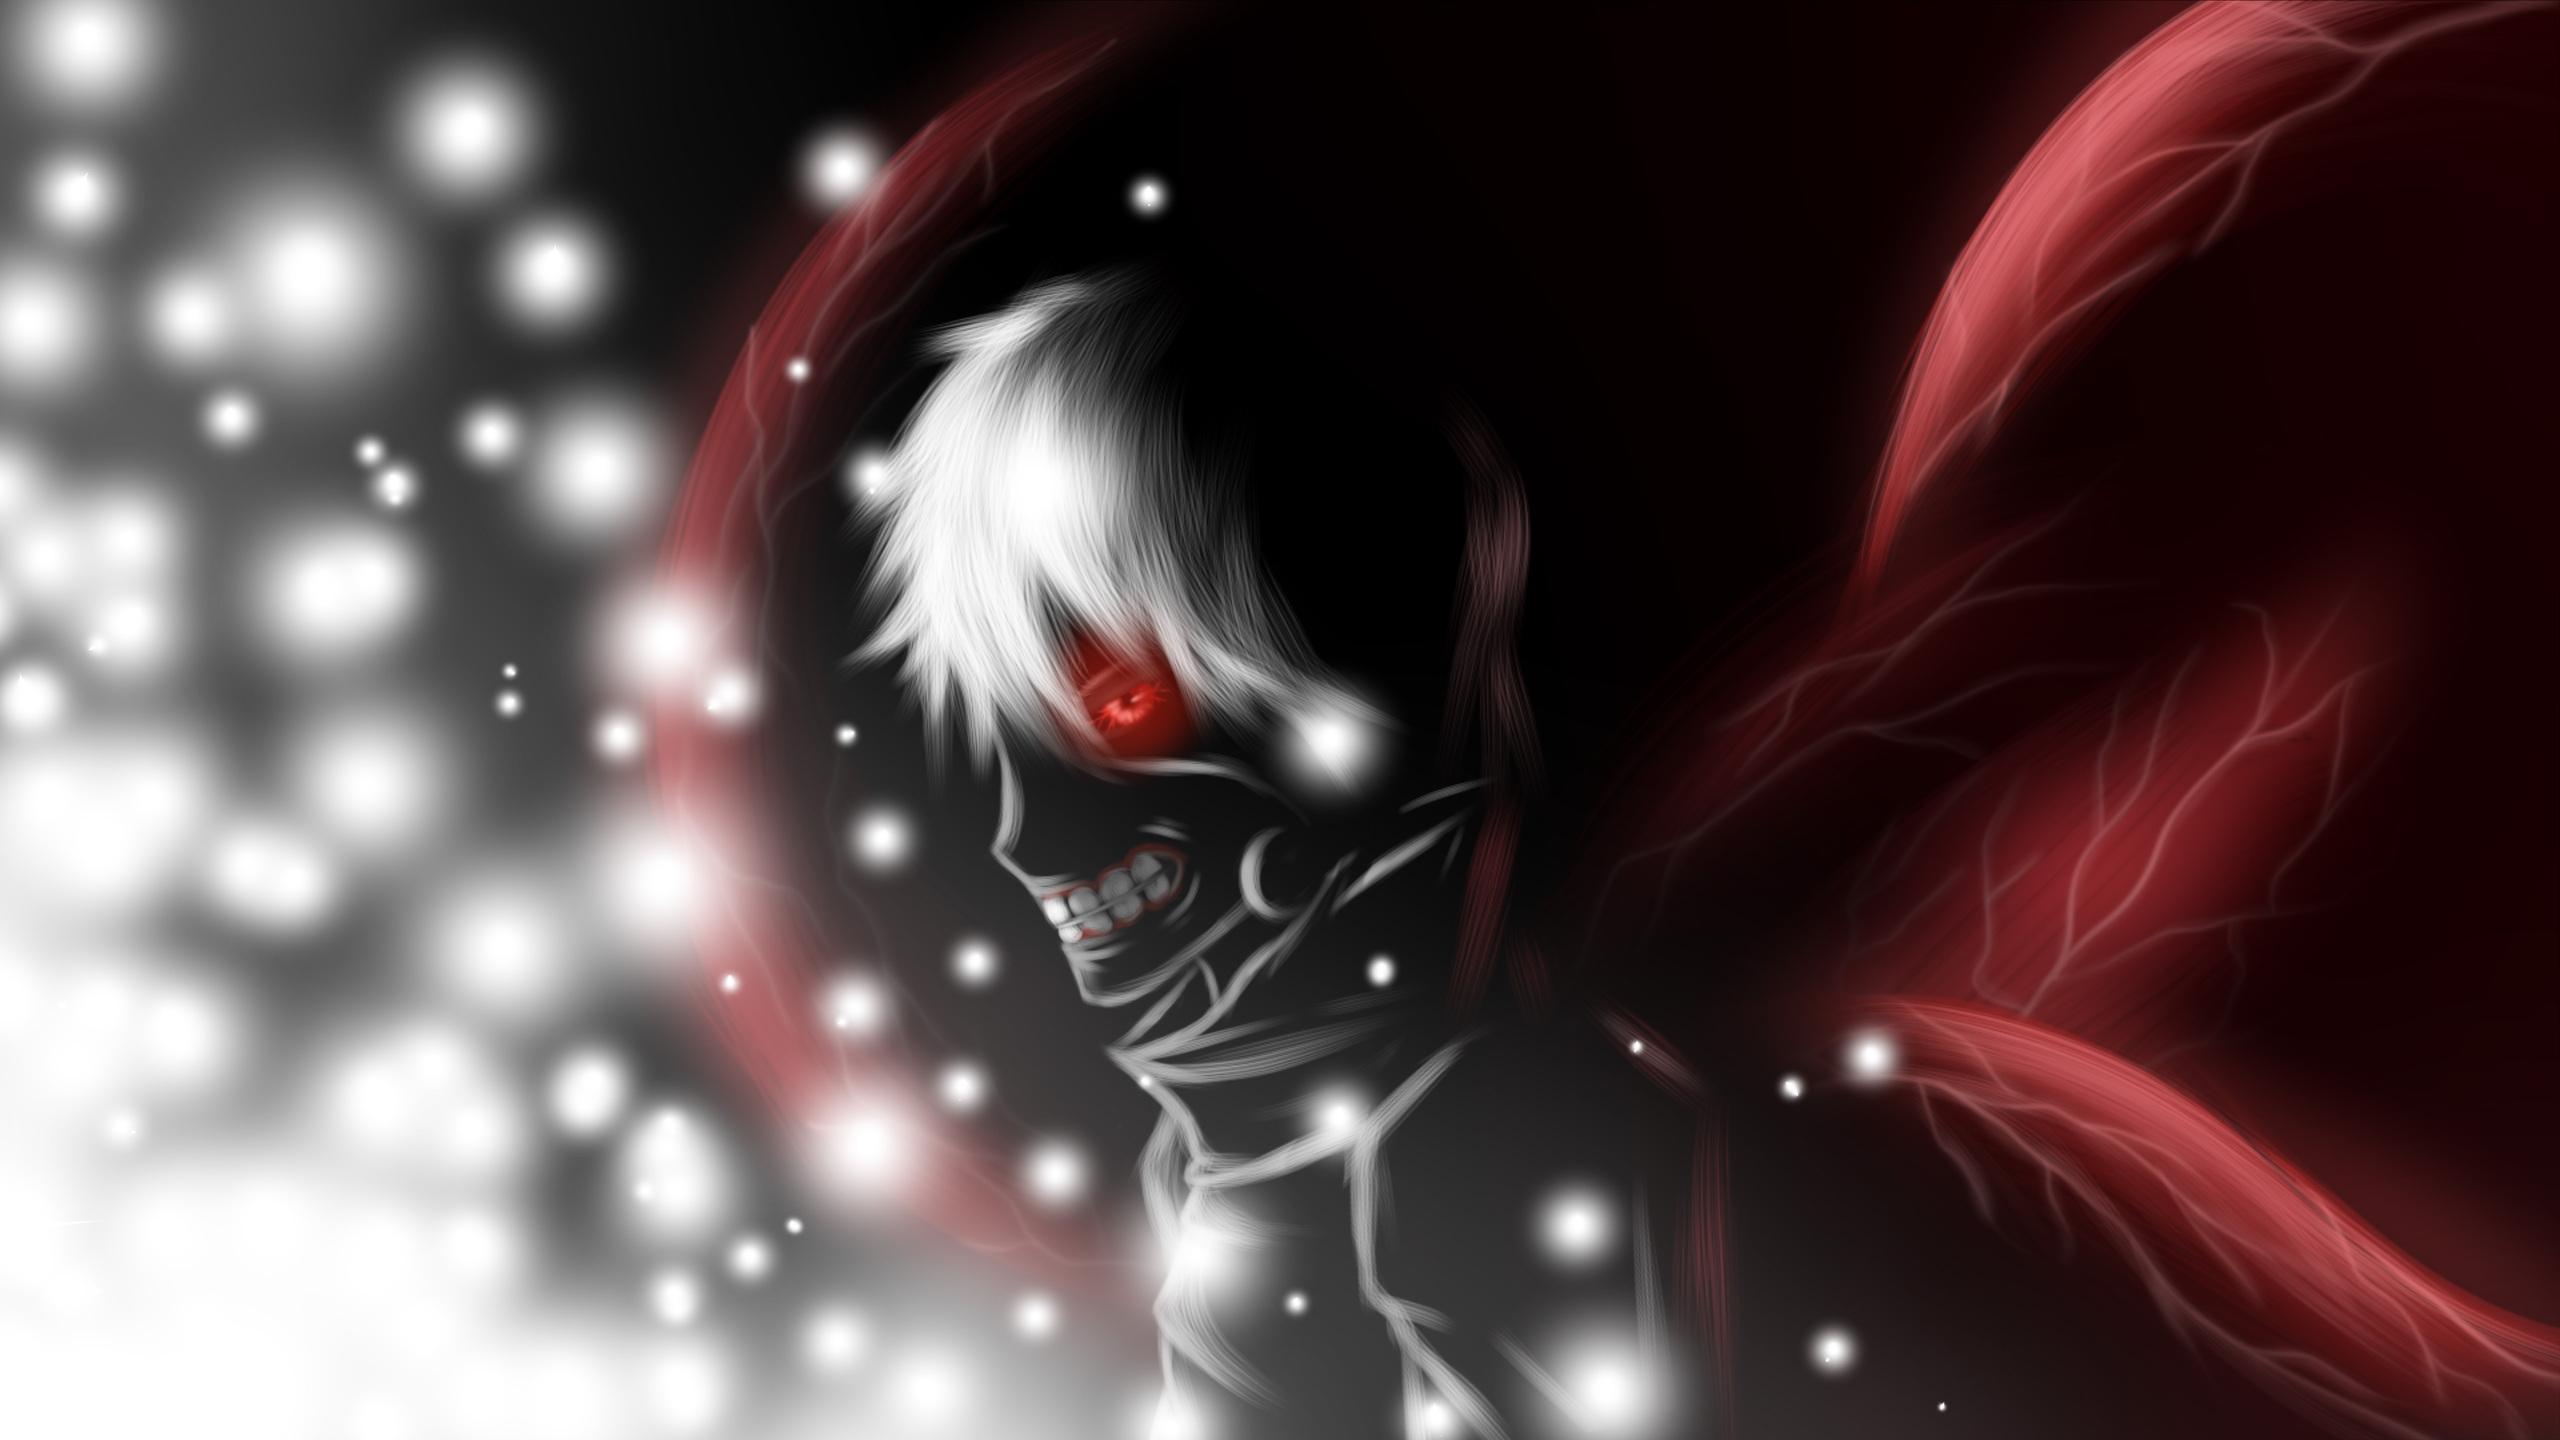 2560x1440 Tokyo Ghoul Ken Kaneki 4k 1440p Resolution Hd 4k